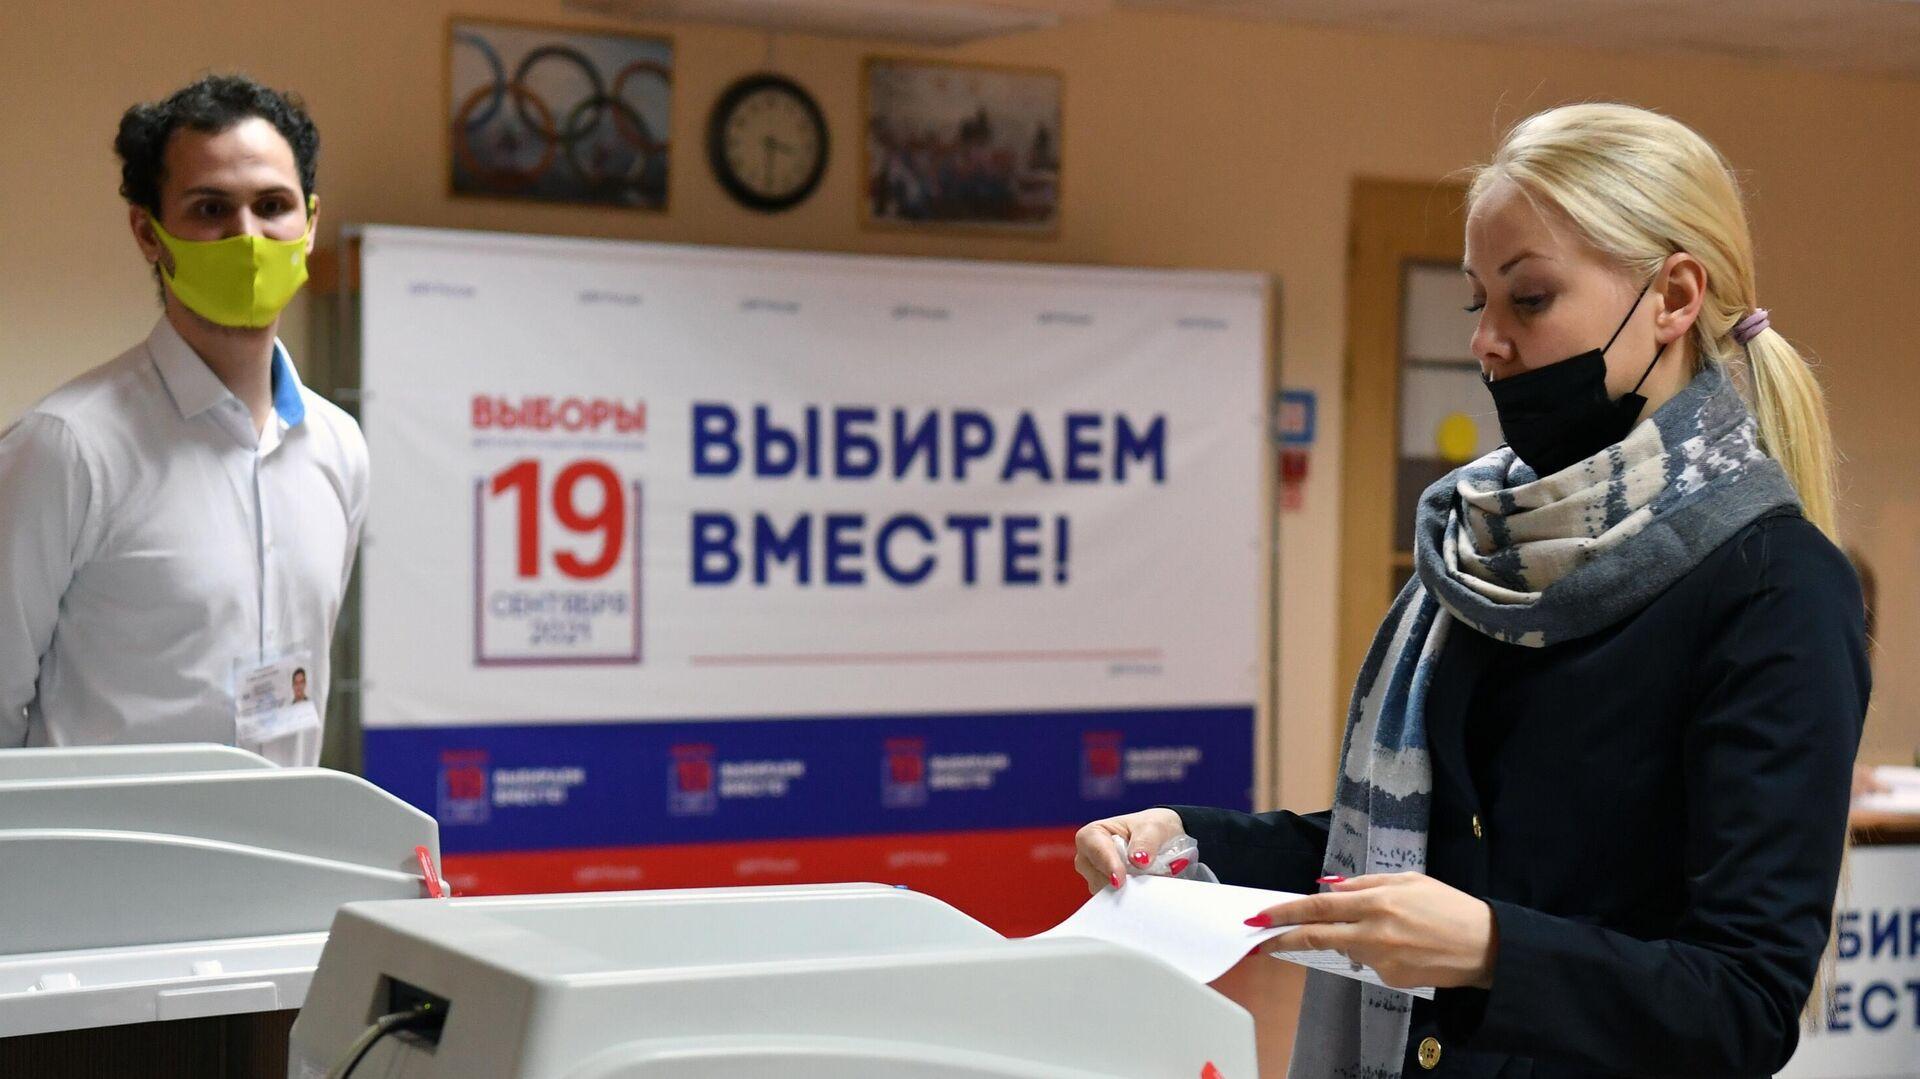 Памфилова сообщила, что ЦИК знал о намерении Путина голосовать онлайн